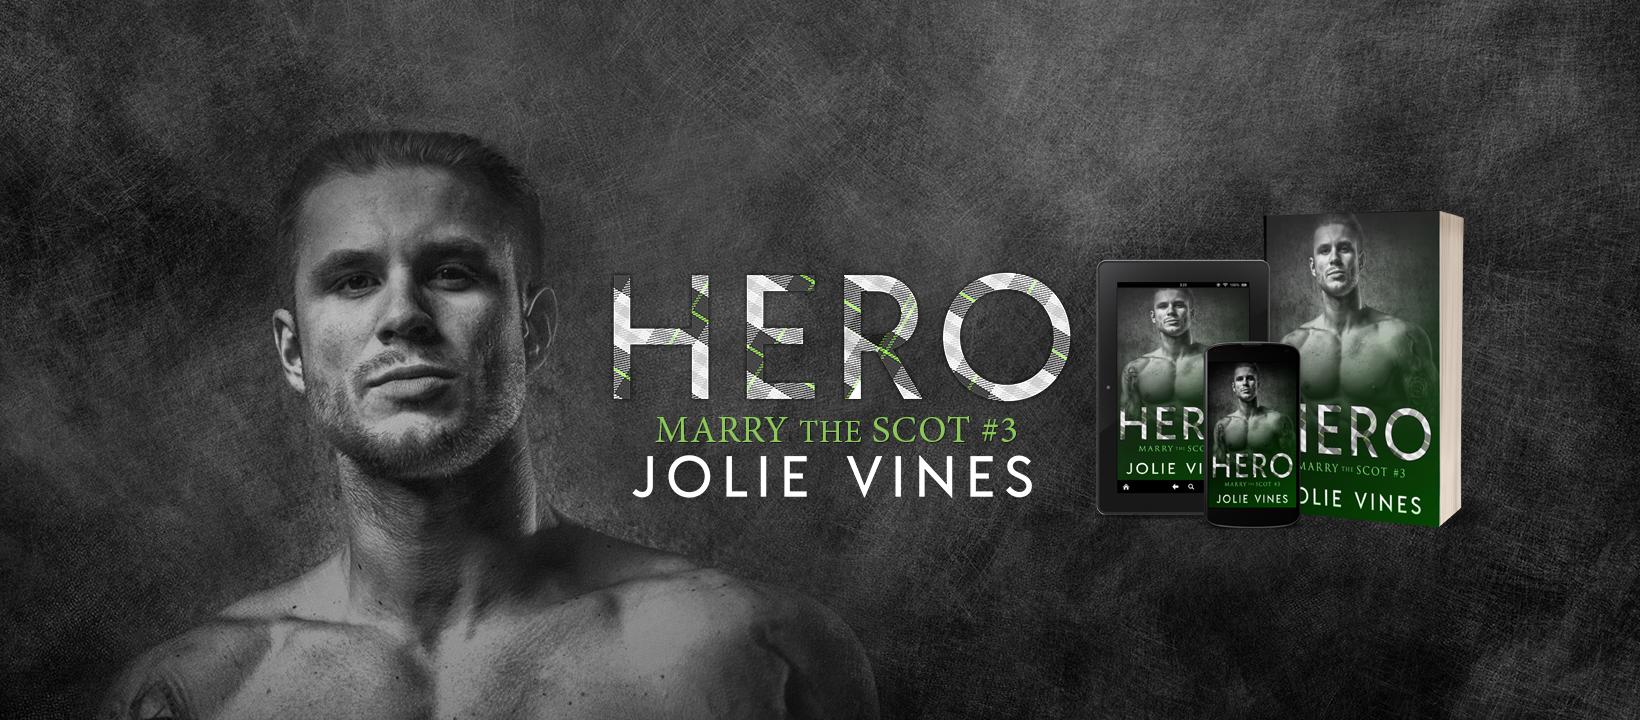 HERO twitter banner.jpg